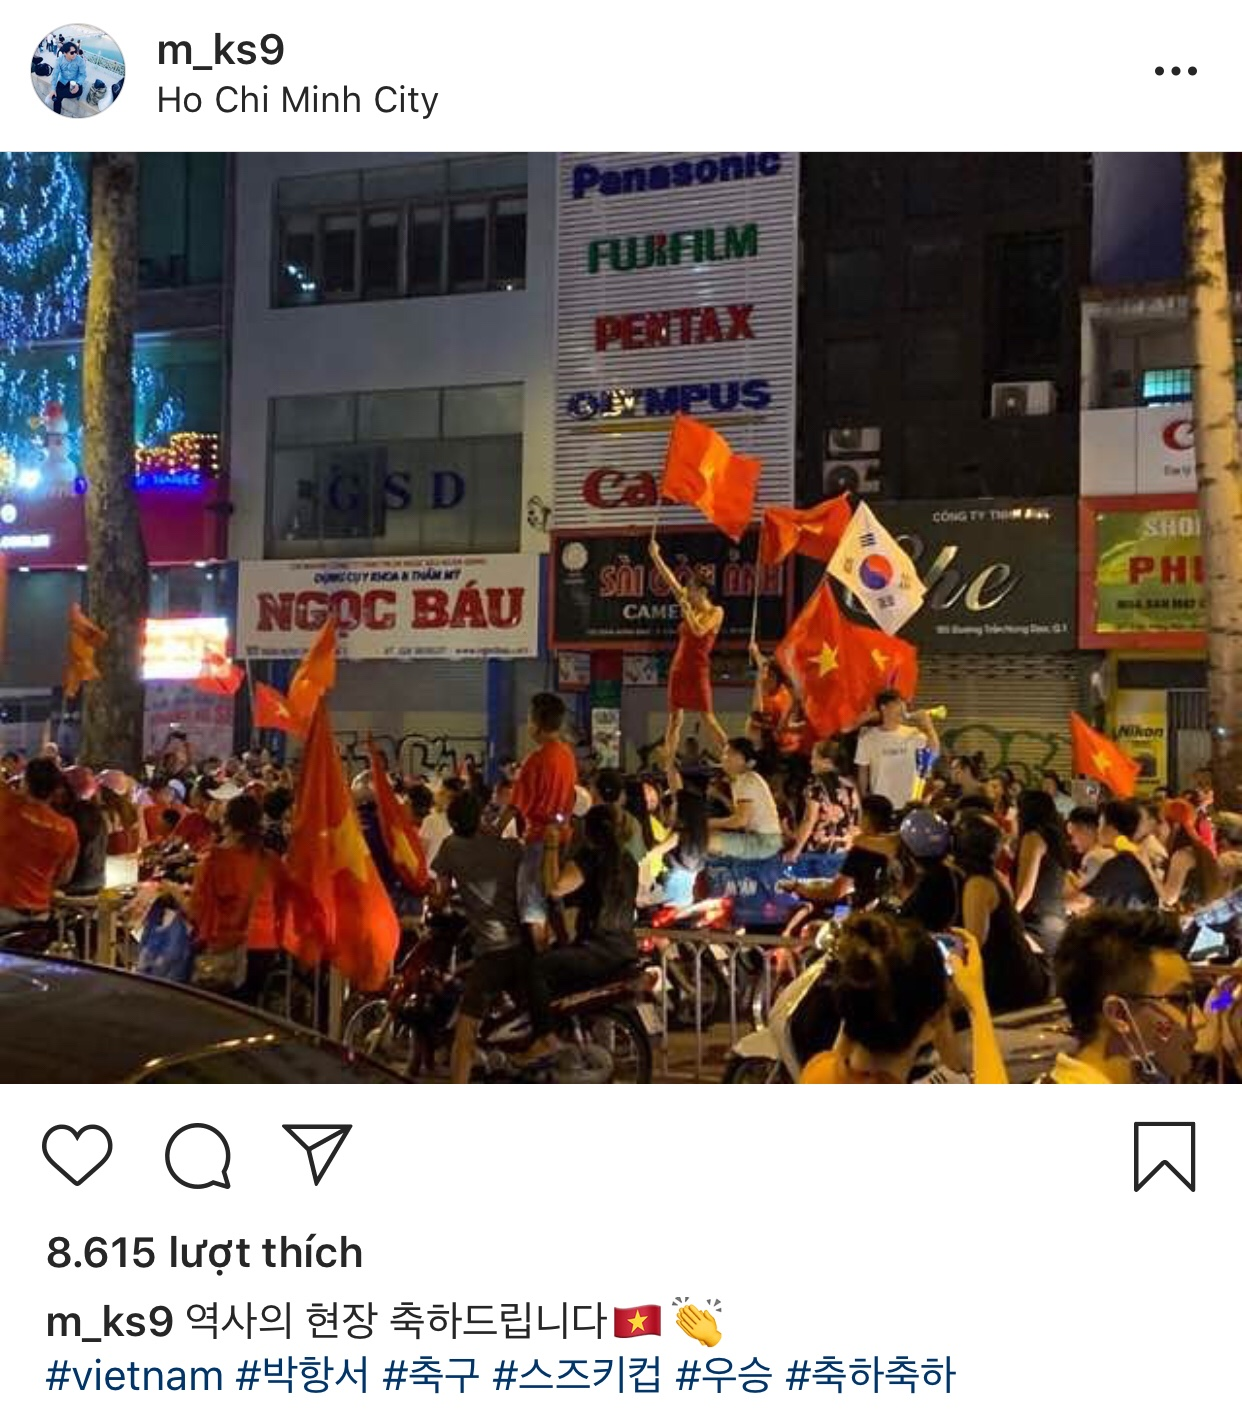 Quản lý EXID bất ngờ đăng ảnh 'đi bão' chúc mừng đội tuyển Việt Nam vô địch AFF Cup 2018 - Ảnh 1